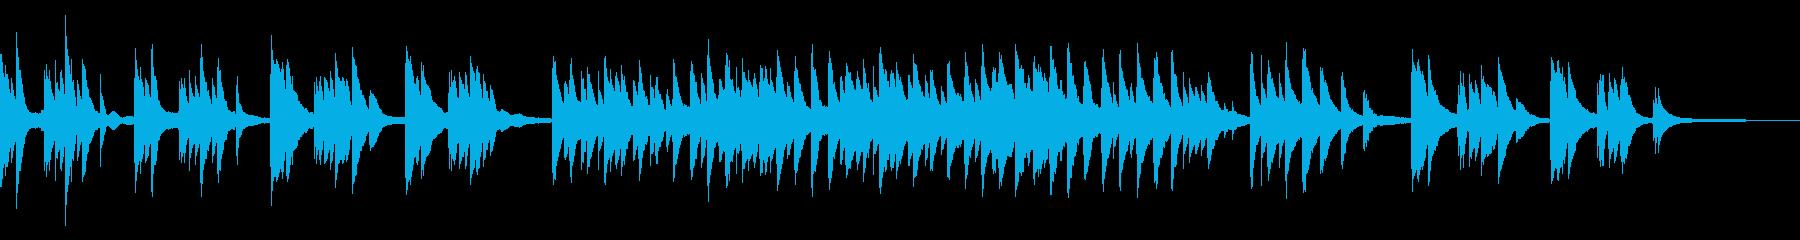 不思議で暗く、ゆったりなピアノソロの再生済みの波形